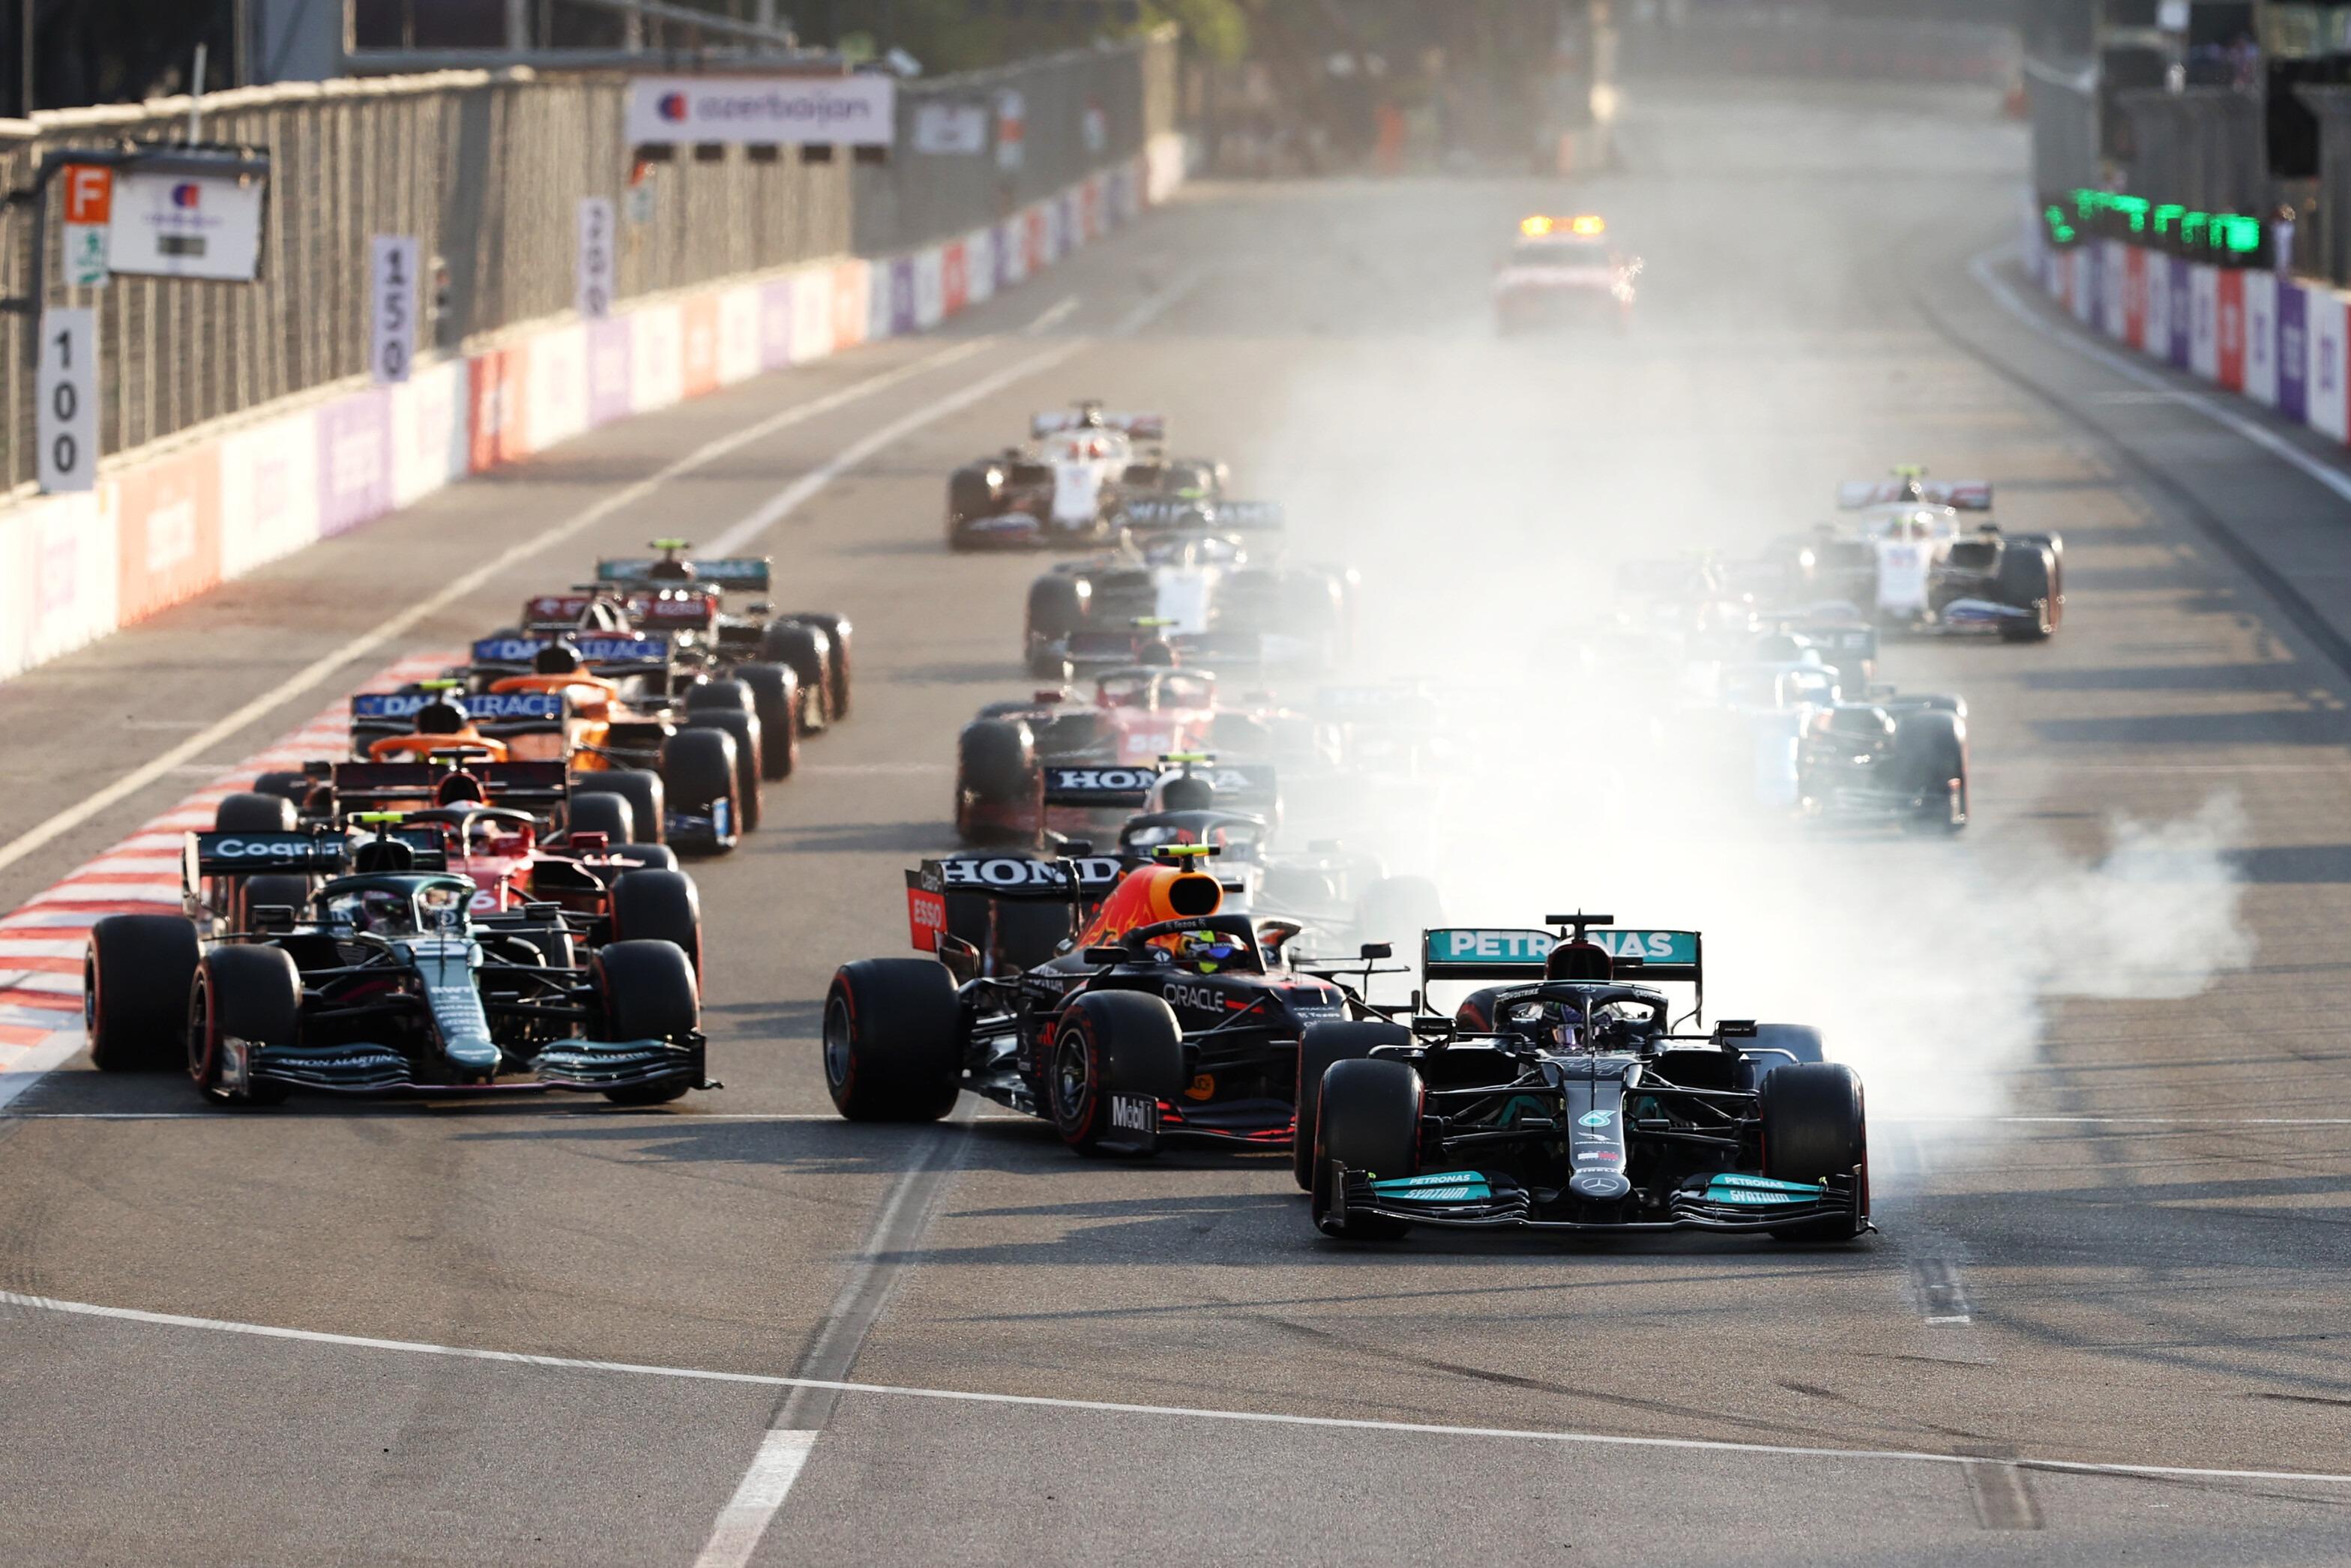 خروج هاميلتون عن المسار عند إعادة انطلاق السباق